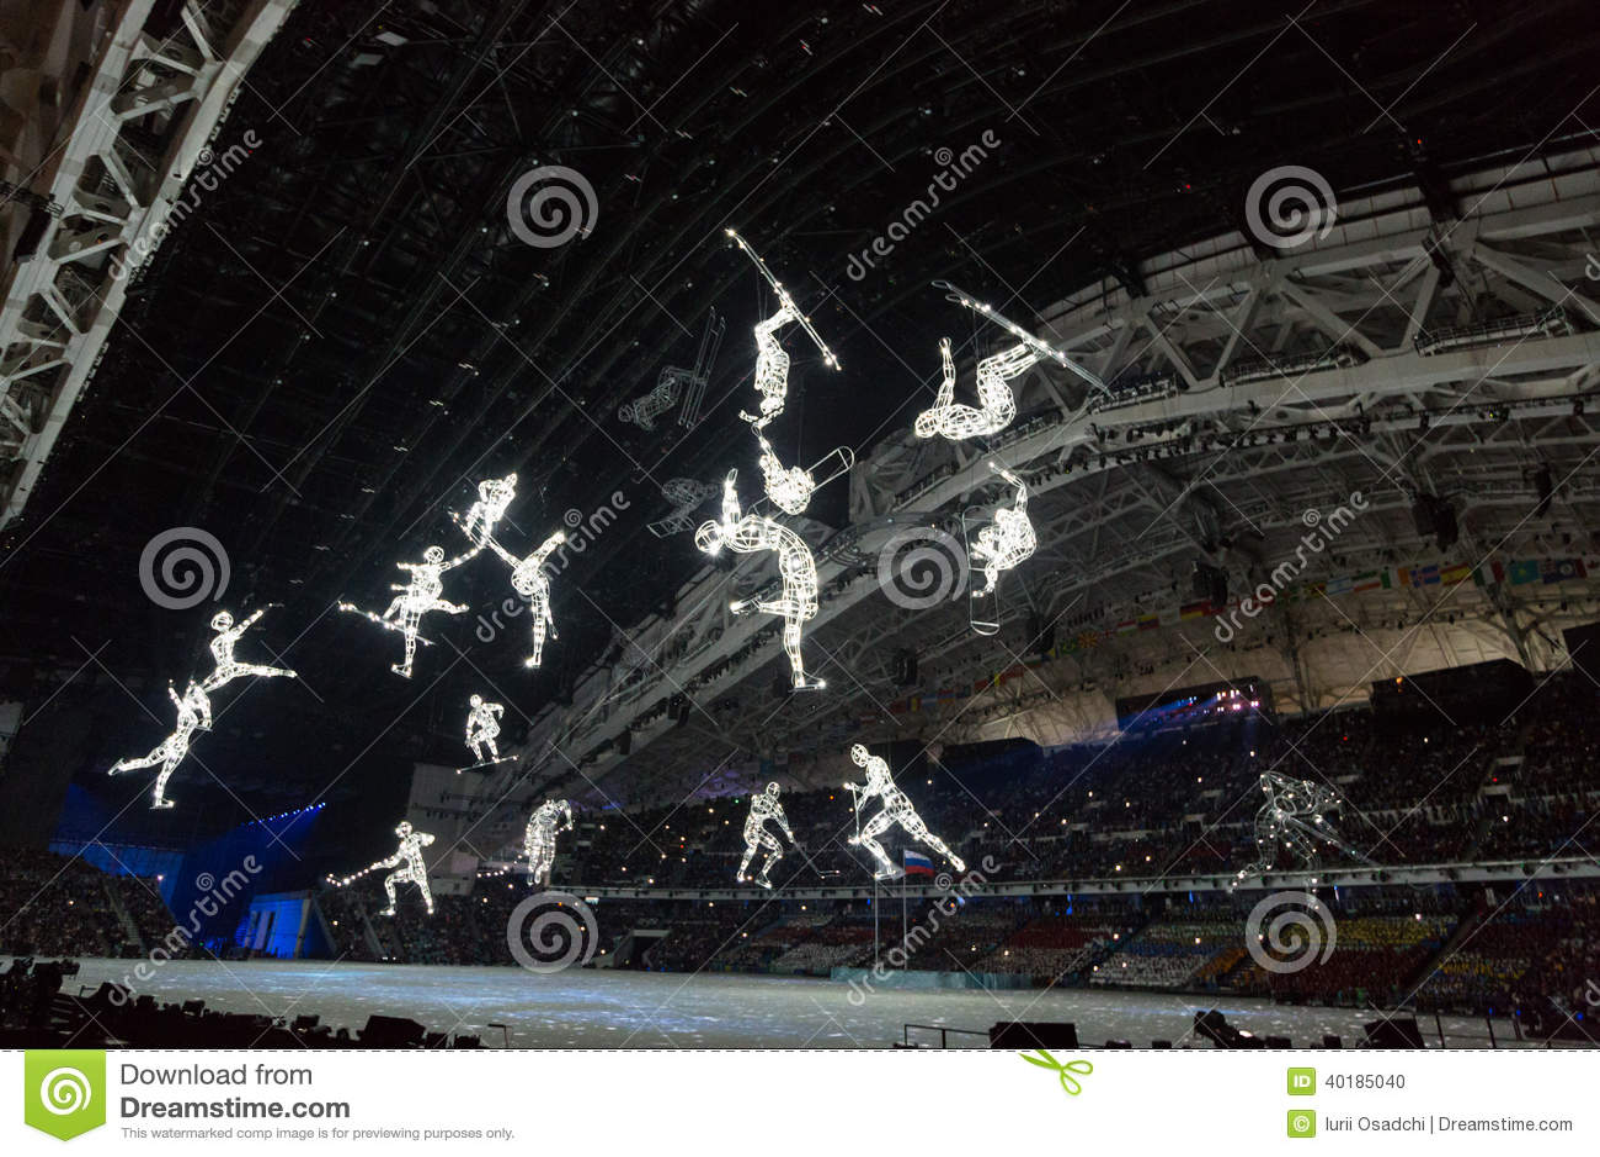 索契2014年奥运会开幕式